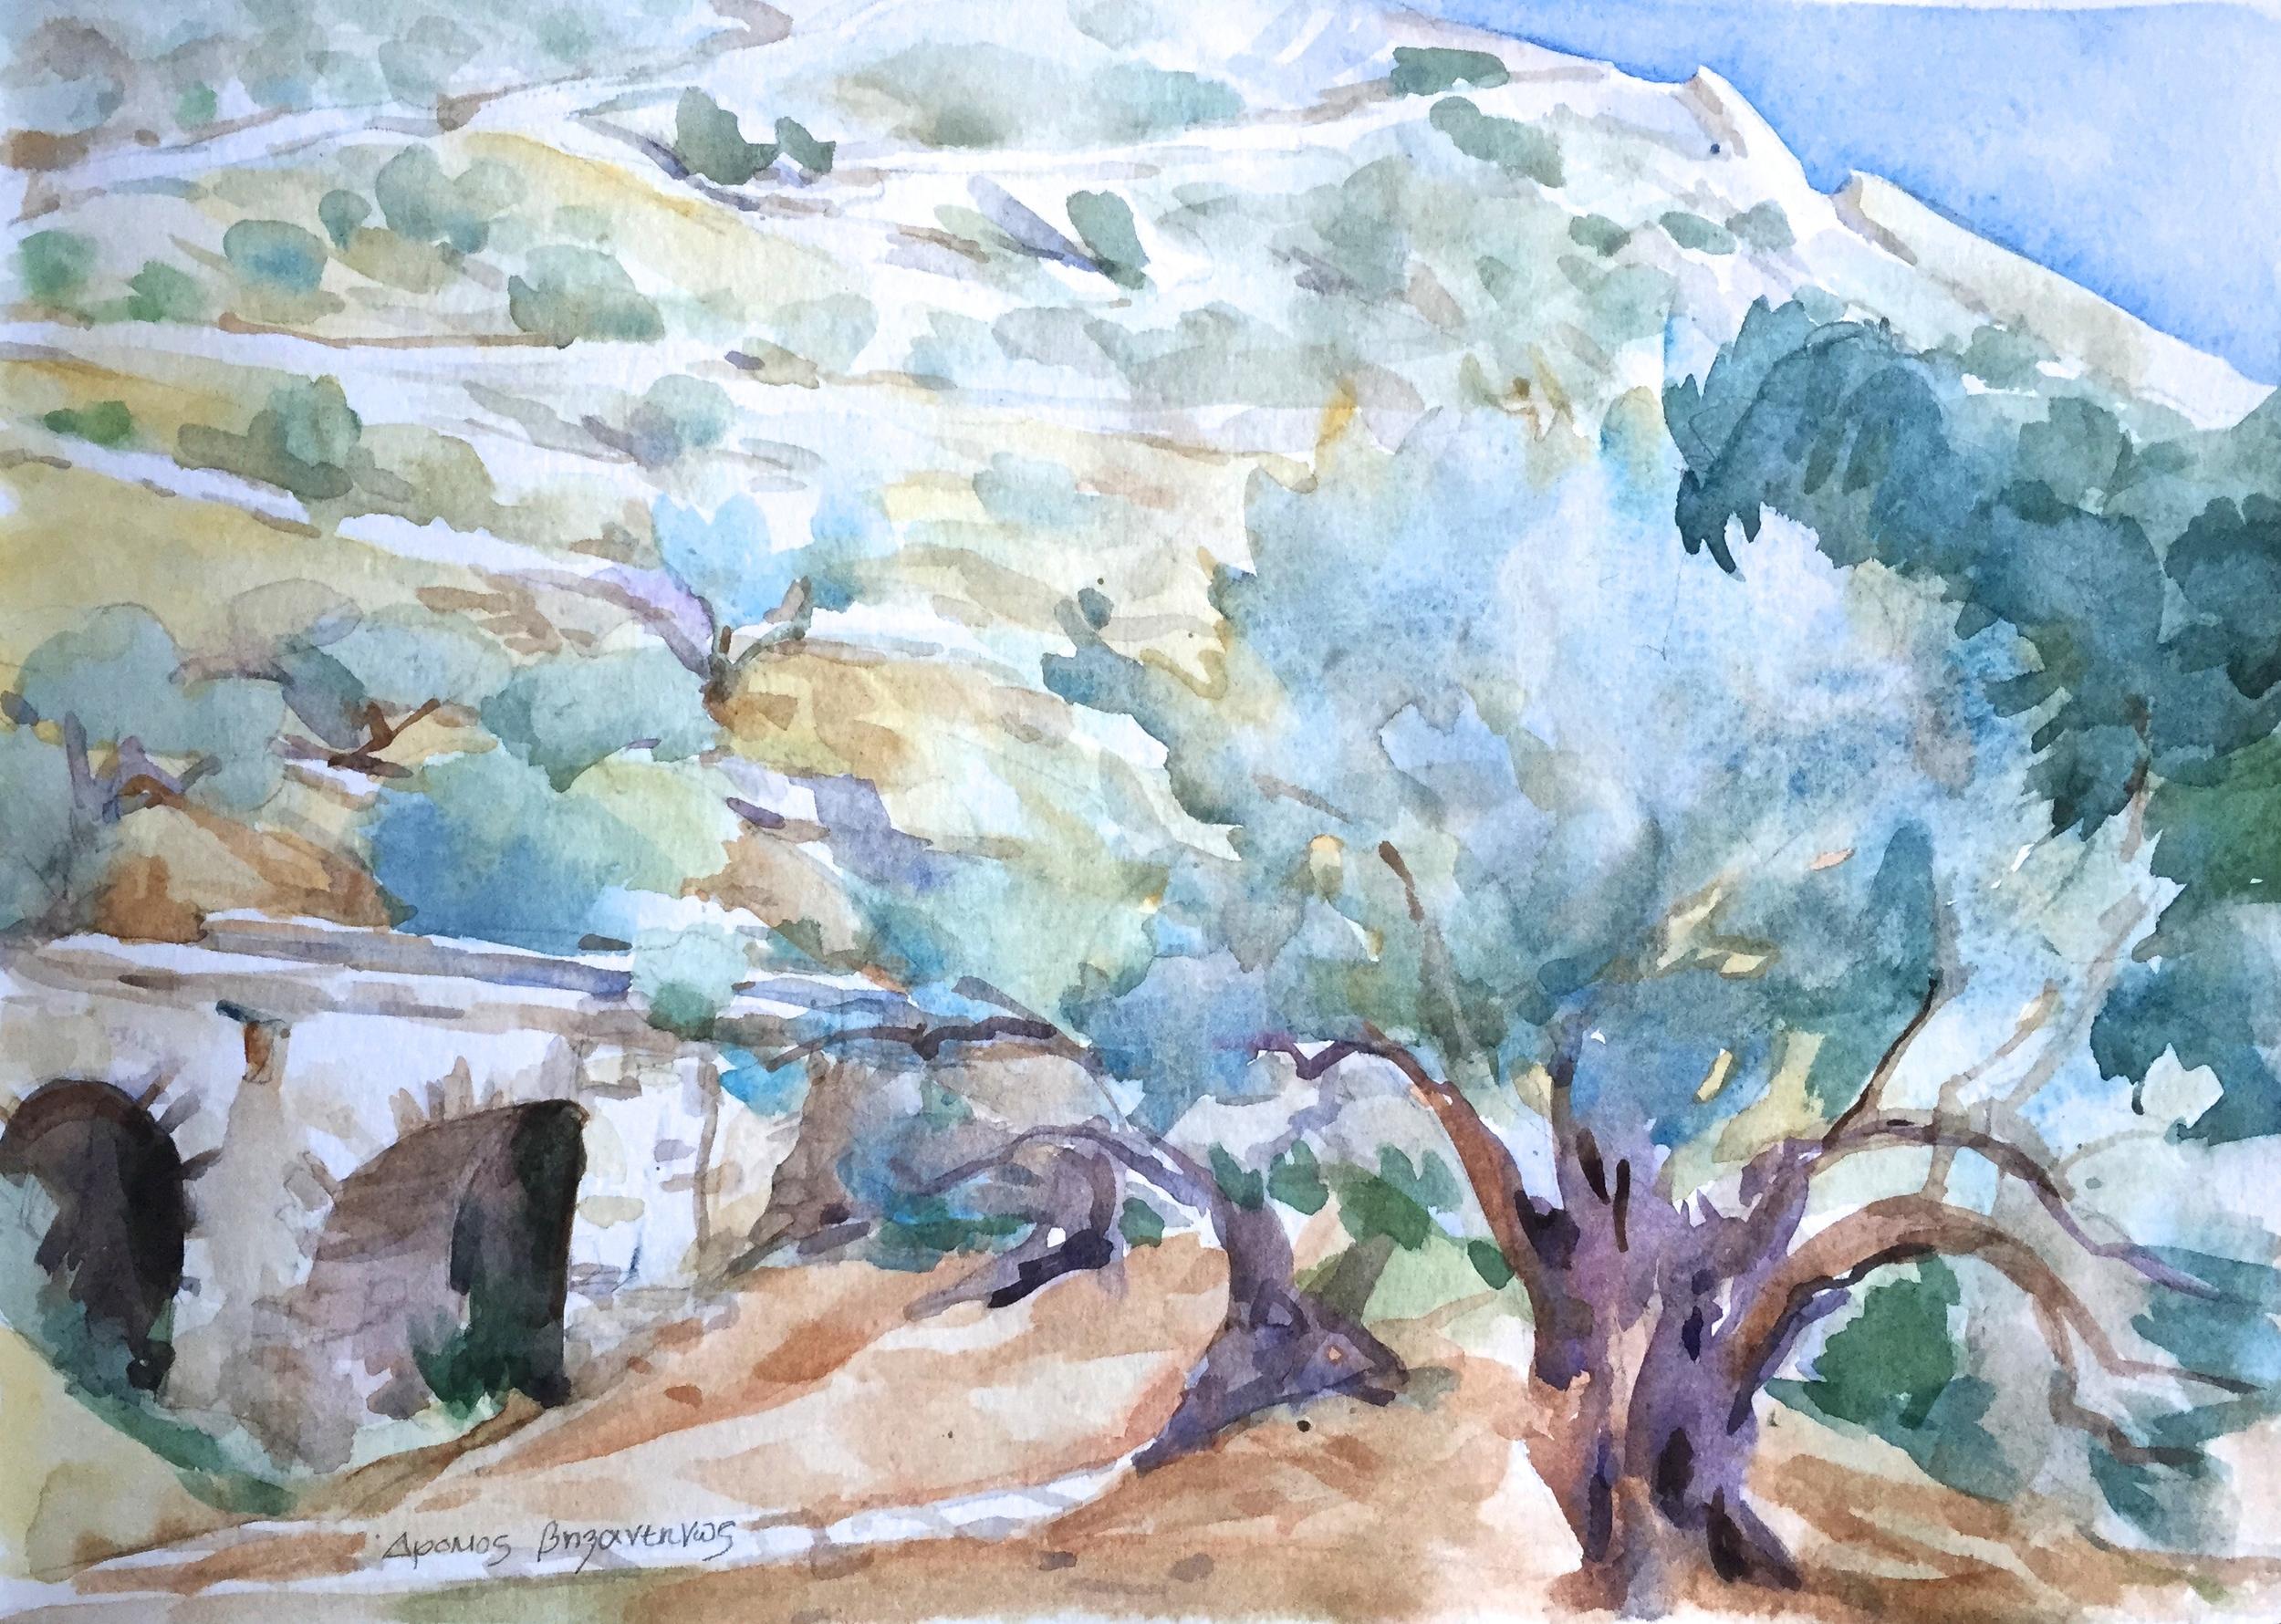 Byzantine Path, Paros